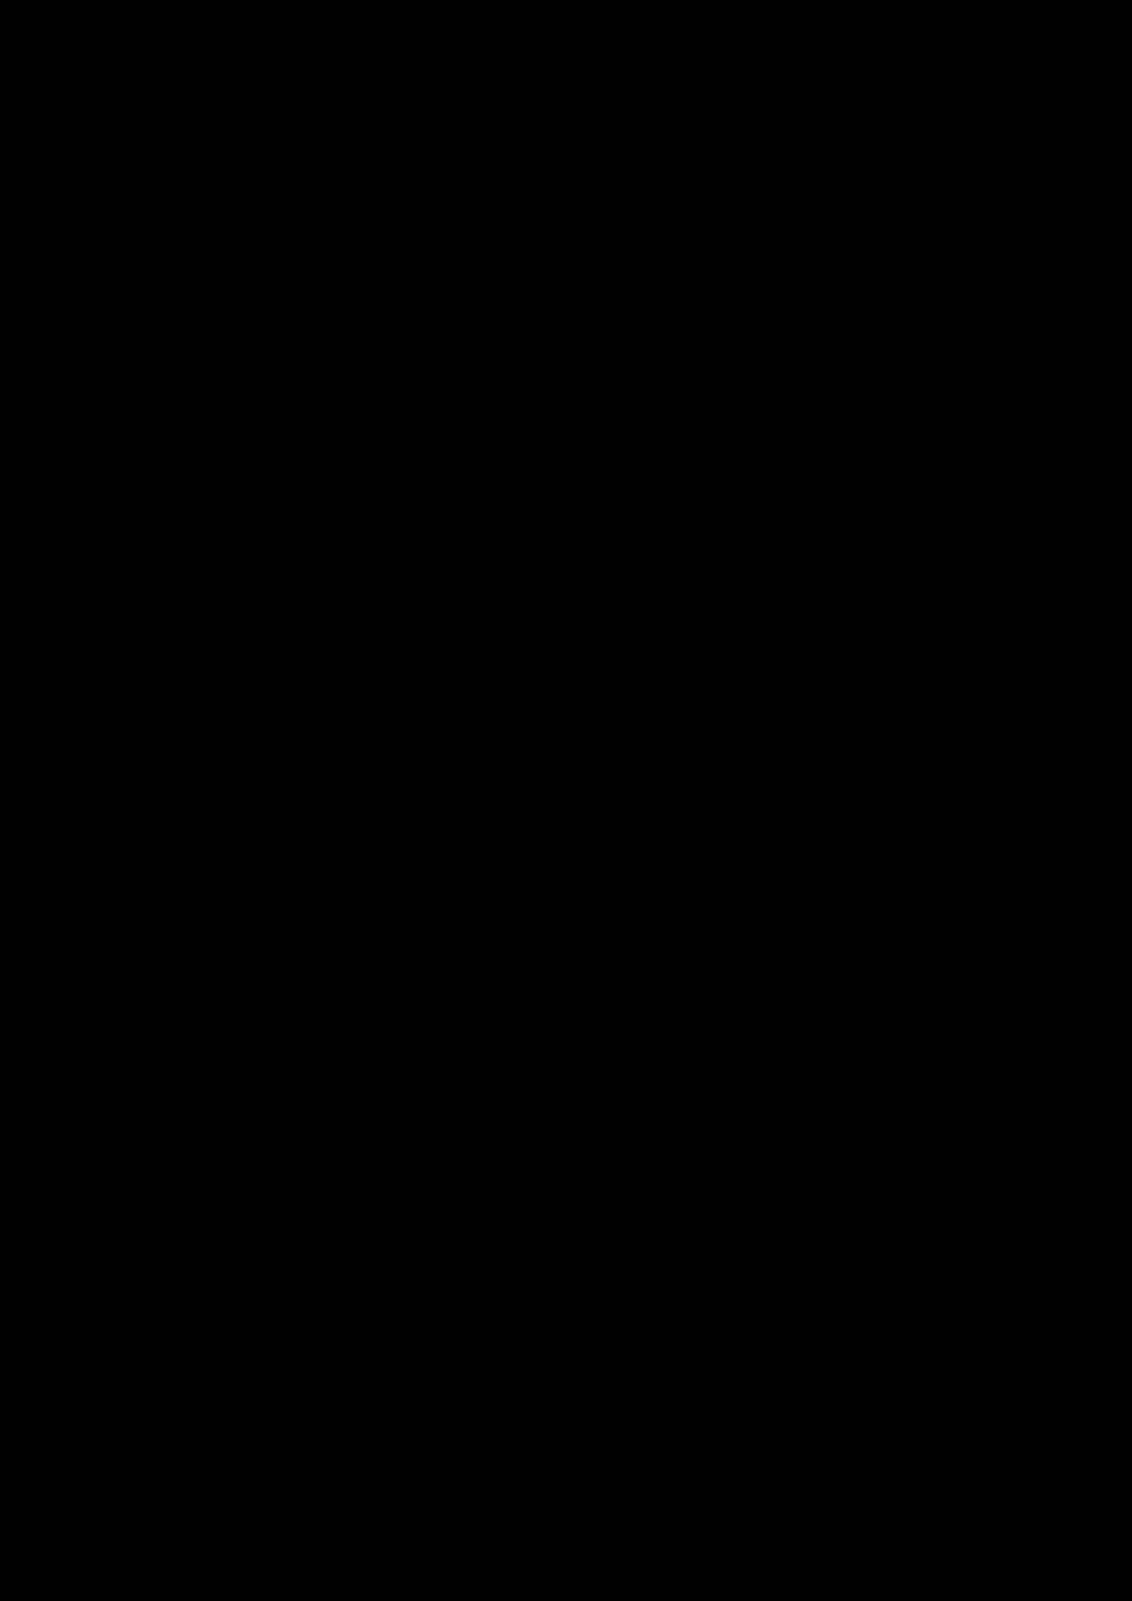 Proschanie s volshebnoy stranoy slide, Image 82